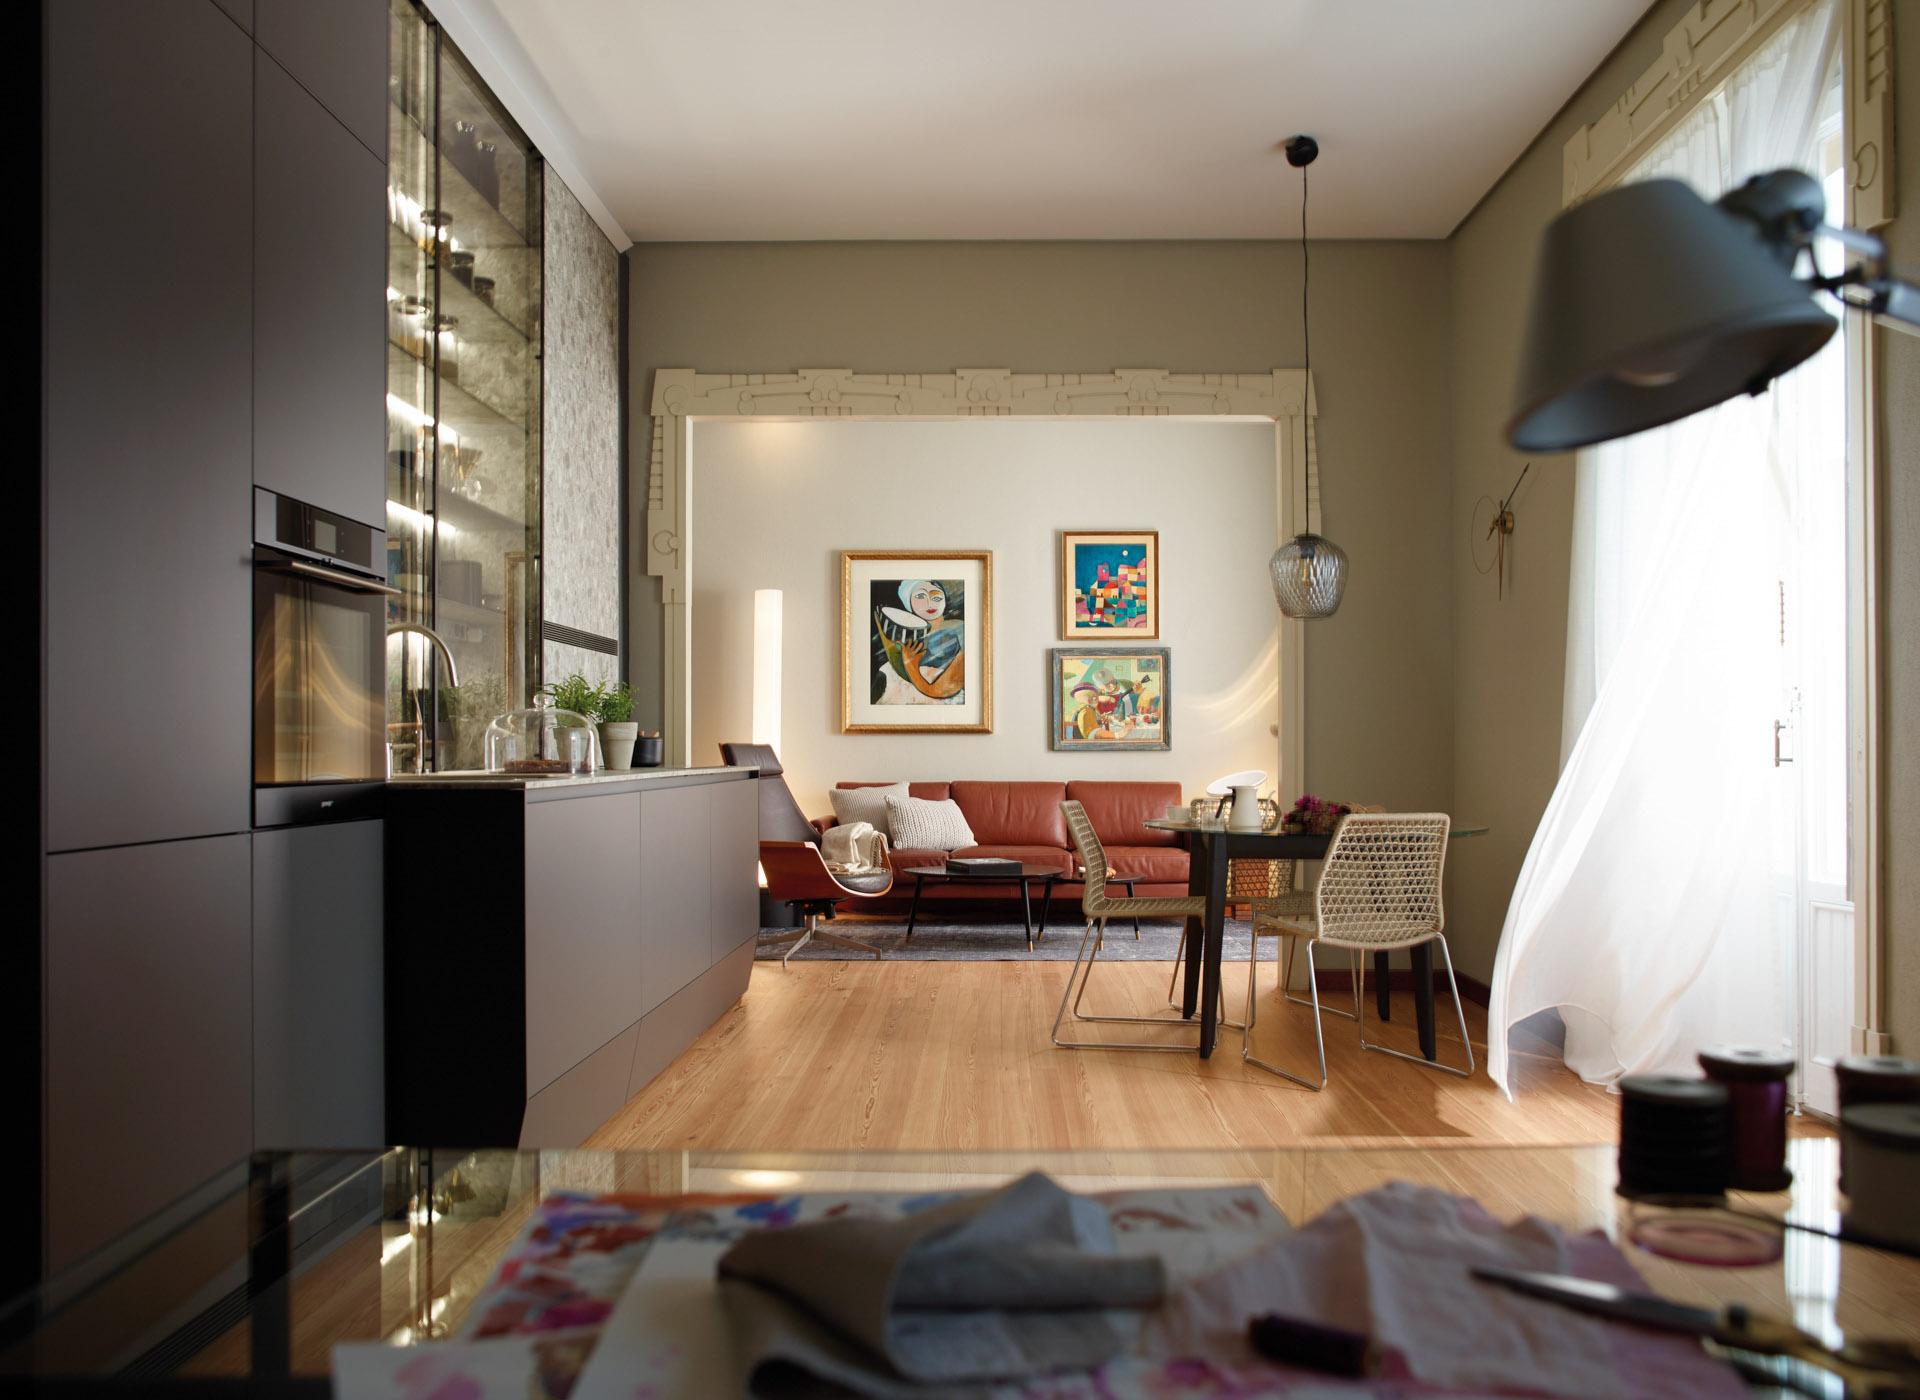 cocina-lineal-con-muebles-de-cocina-de-suelo-a-techo